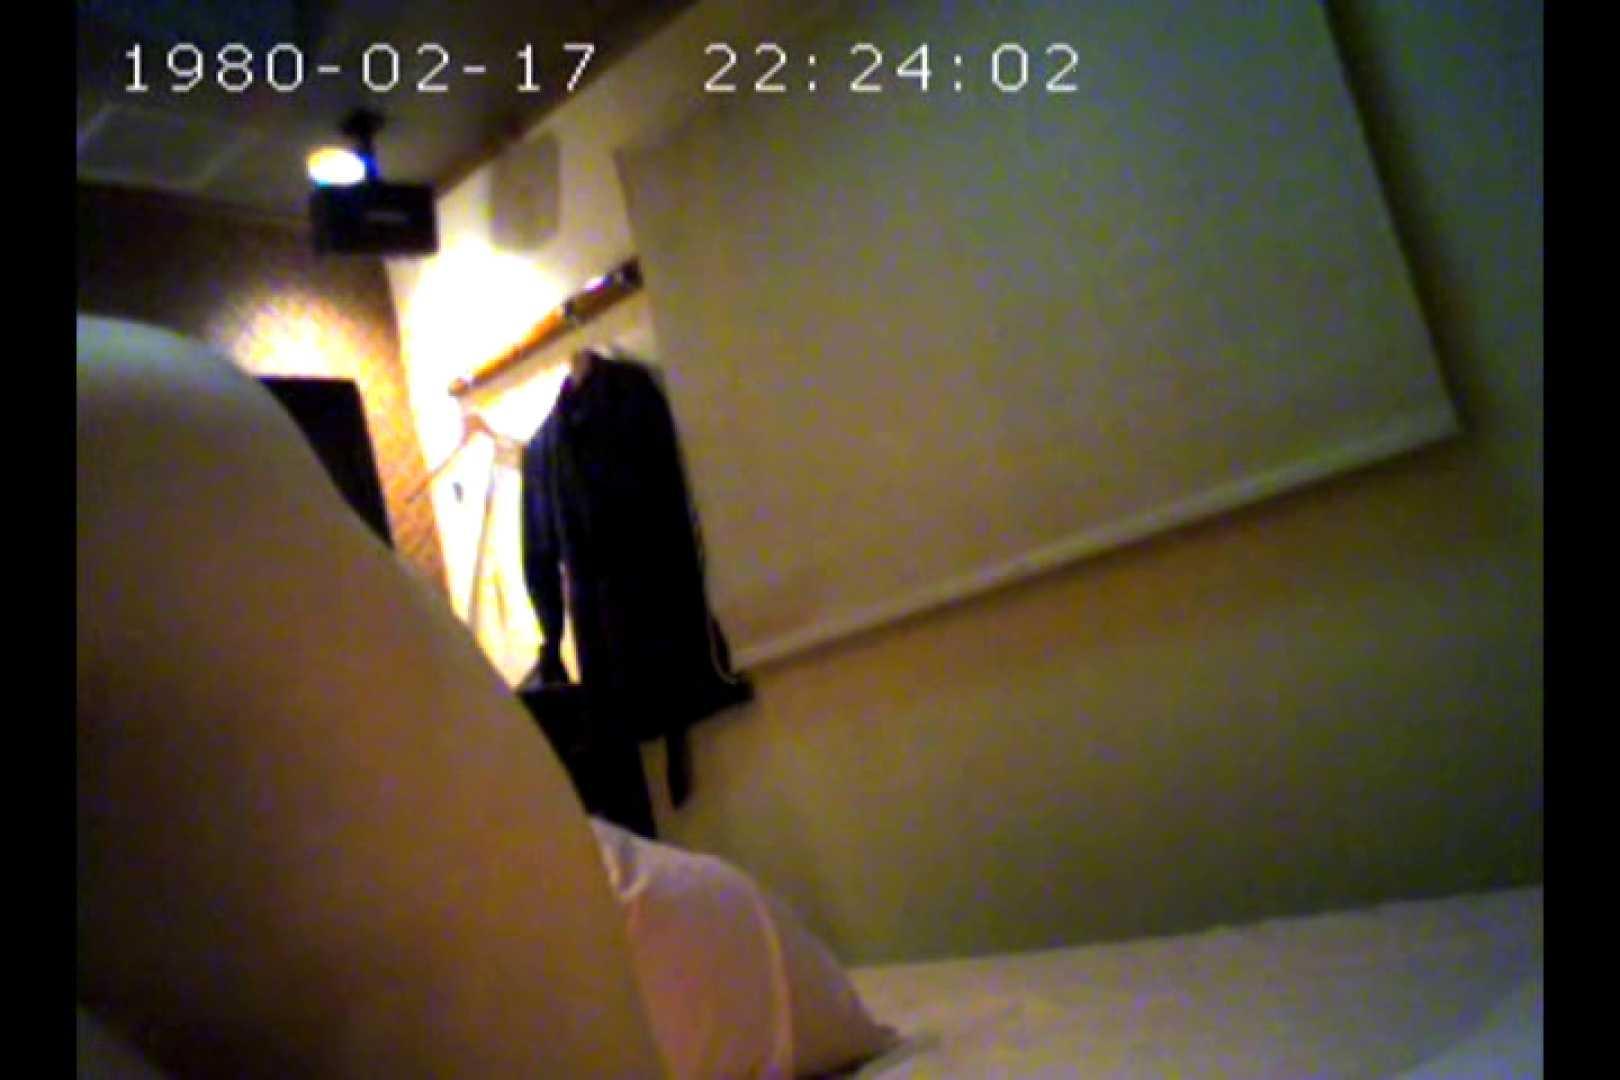 ハメられた女達 vol.04 セックスエロ動画 | ホテルでエッチ  105PIX 91